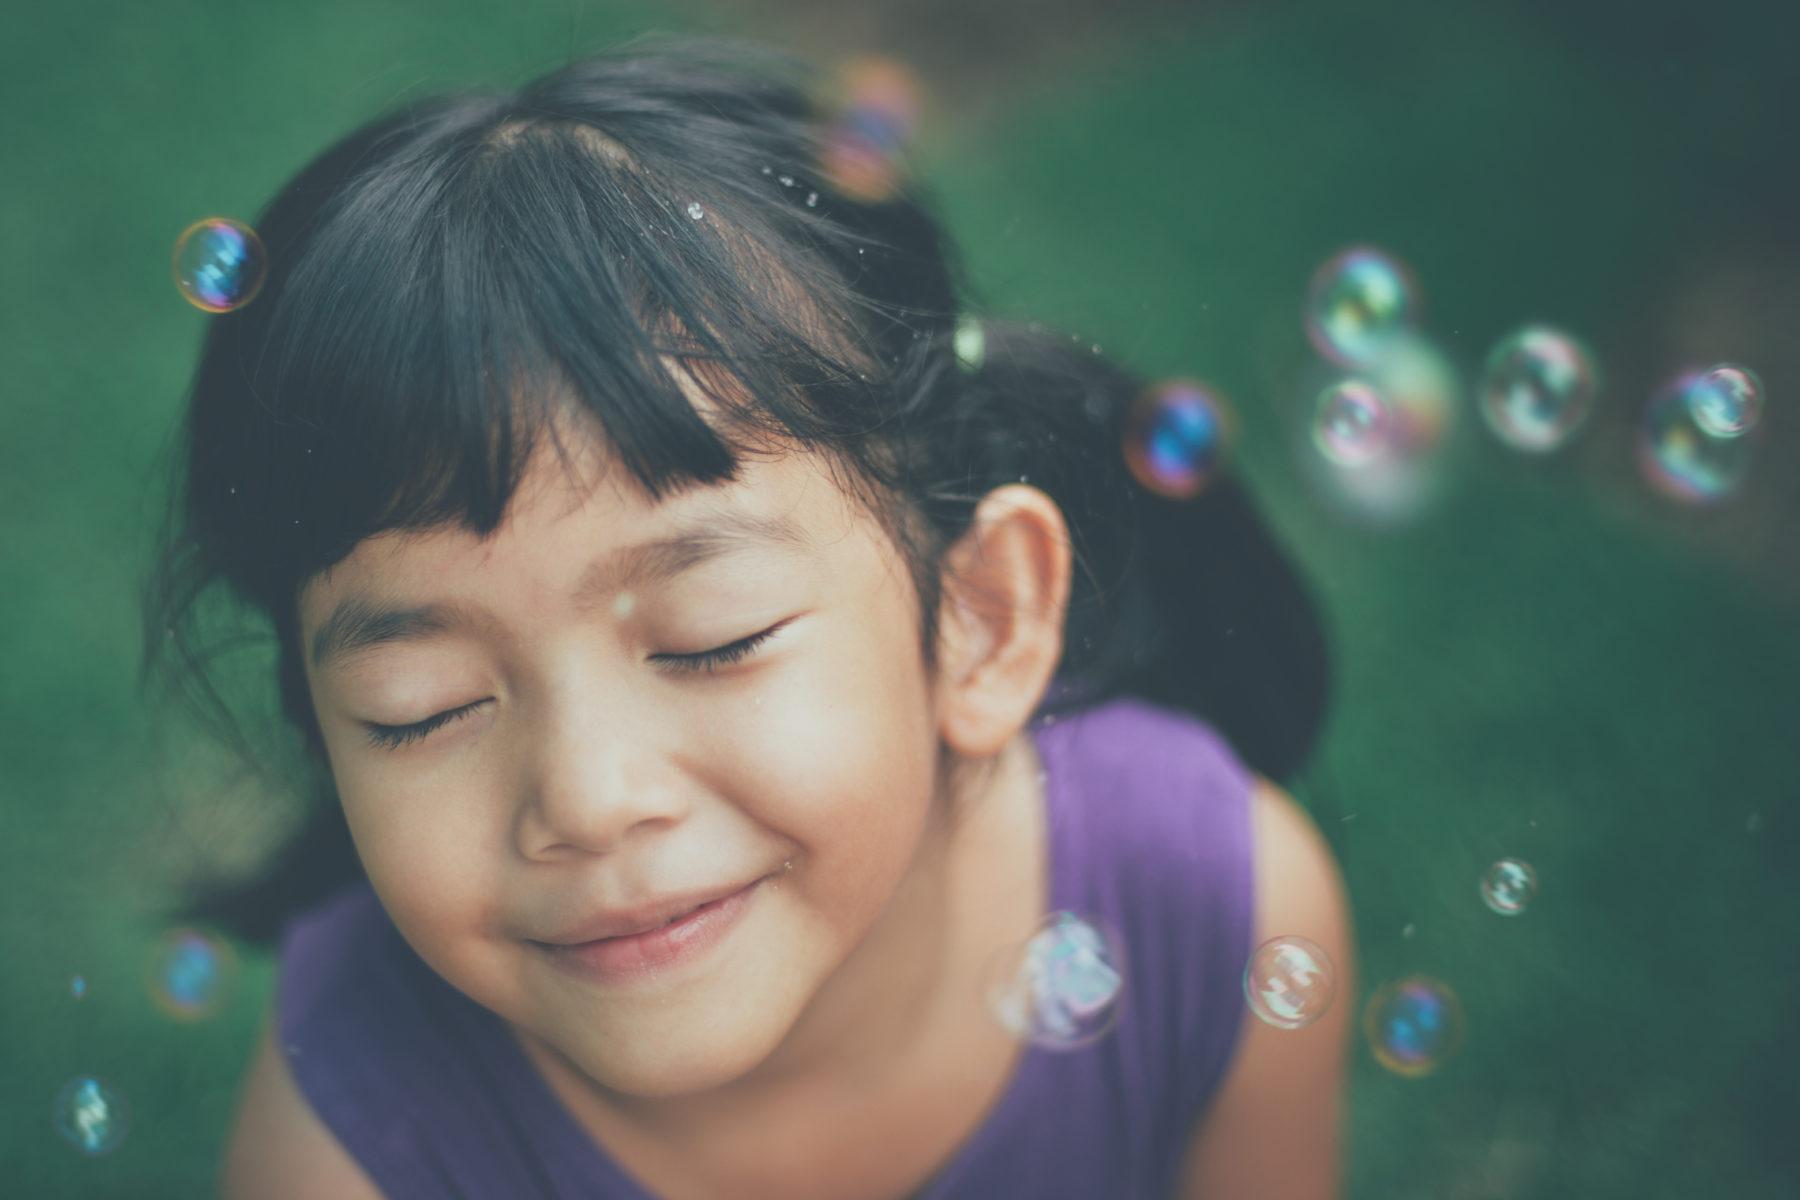 Les enfants et les tout-petits adorent jouer avec les bulles. Dans le […]